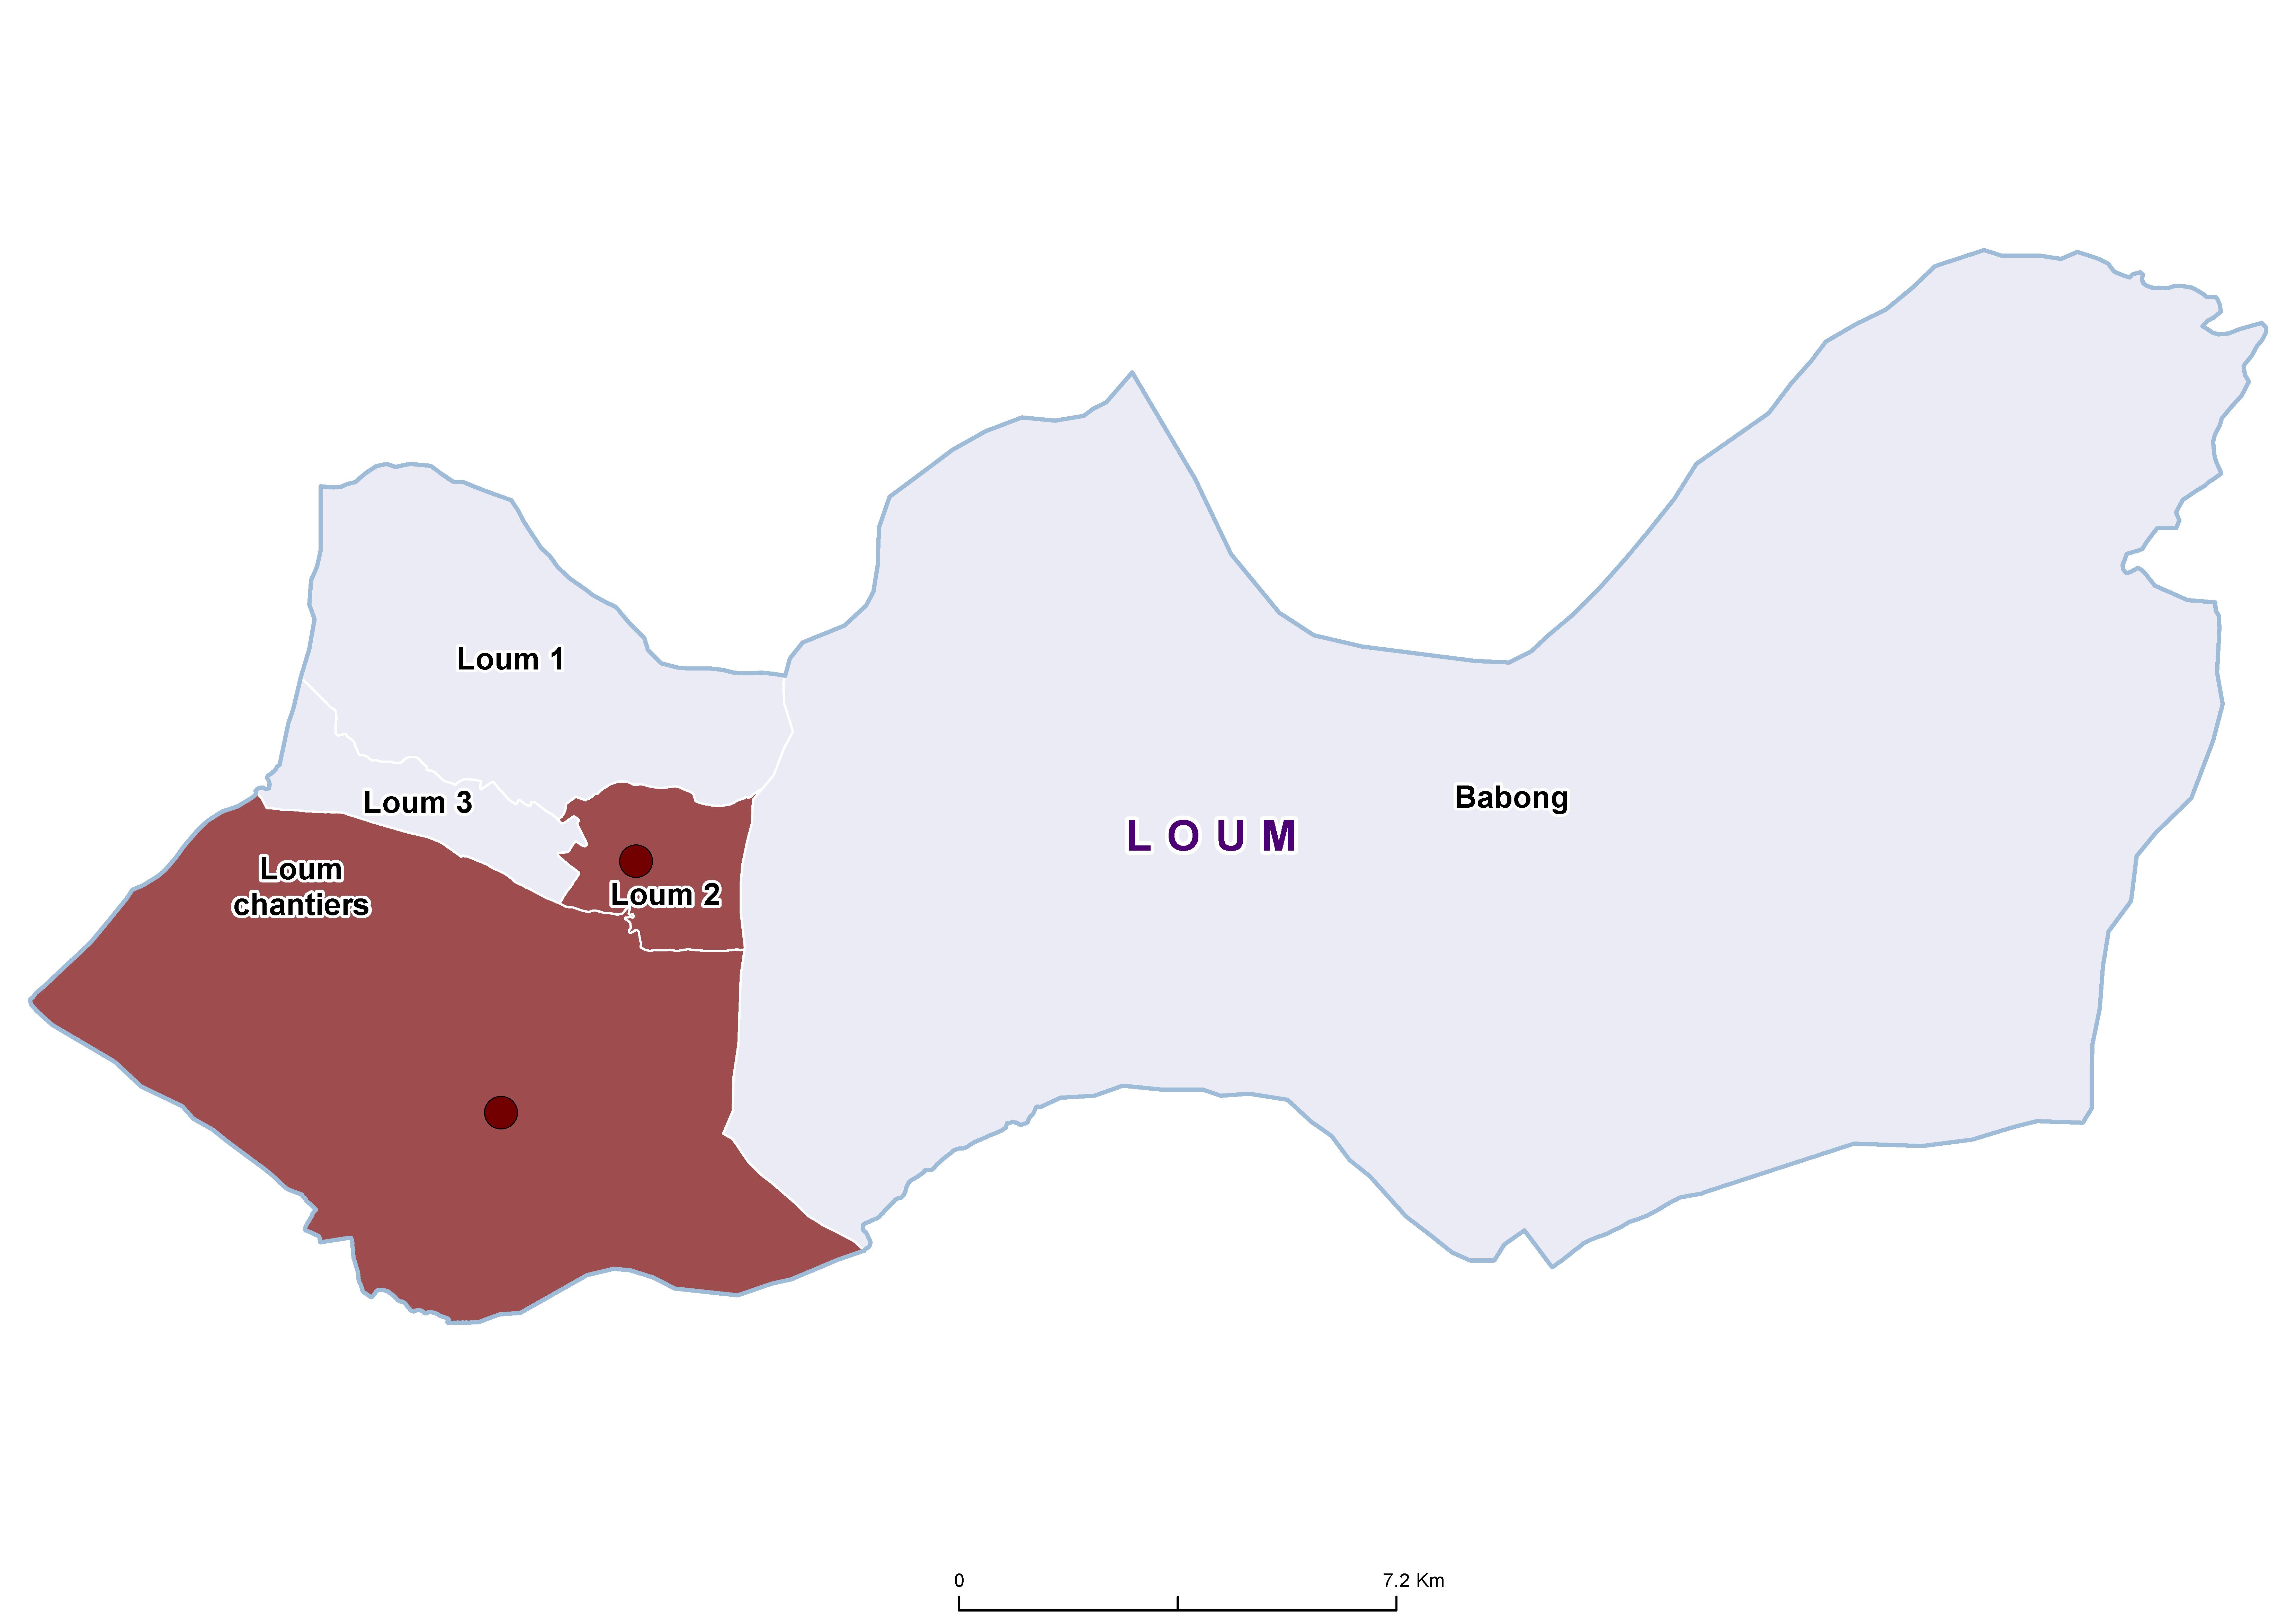 Loum STH 19850001